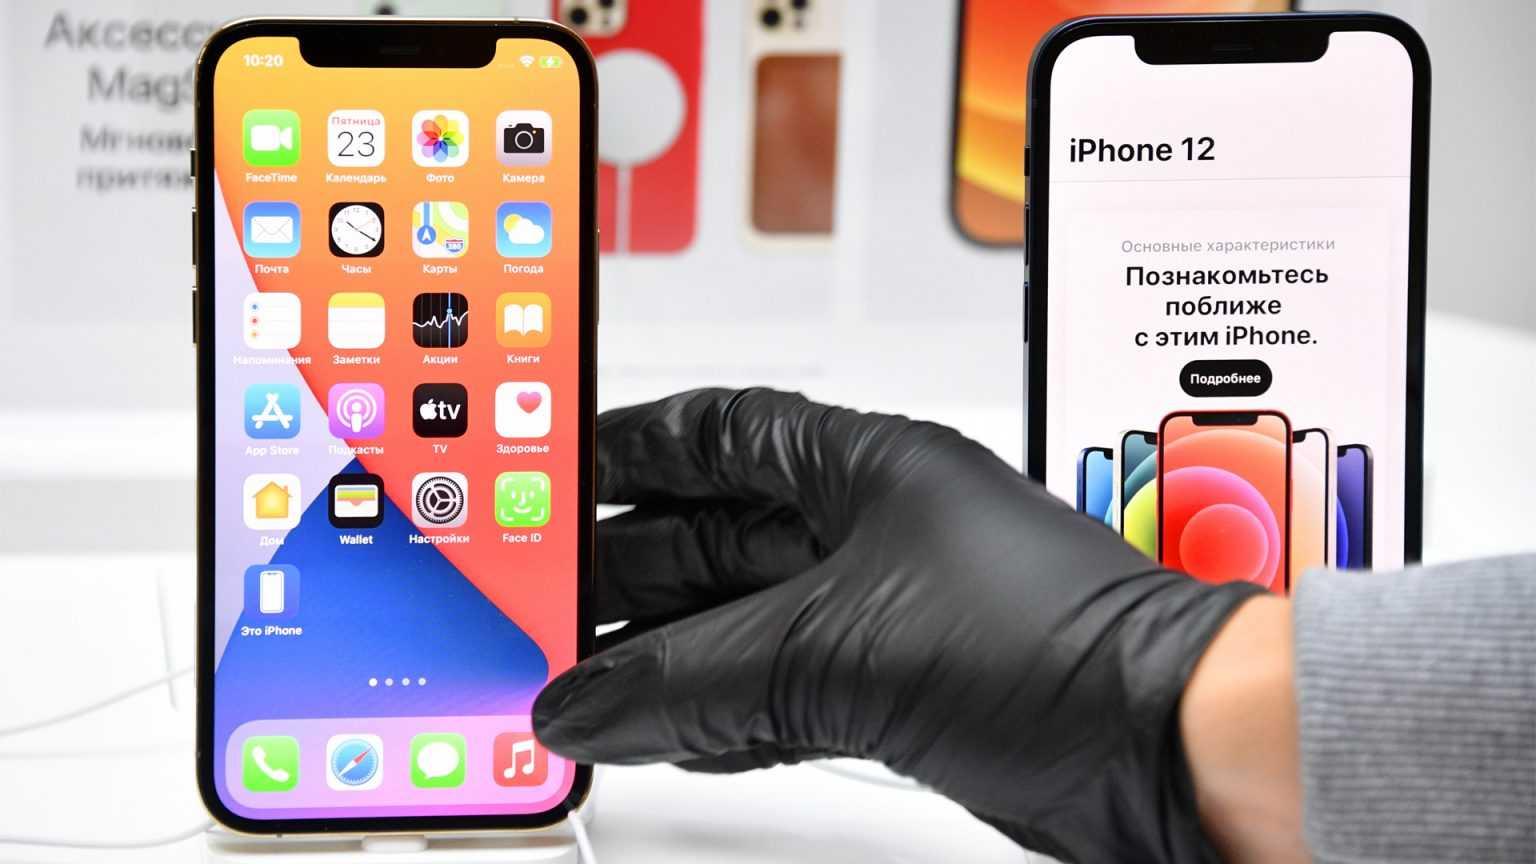 Iphone 12 официально представлен. плоские грани, экран oled и 5g вбазовой версии